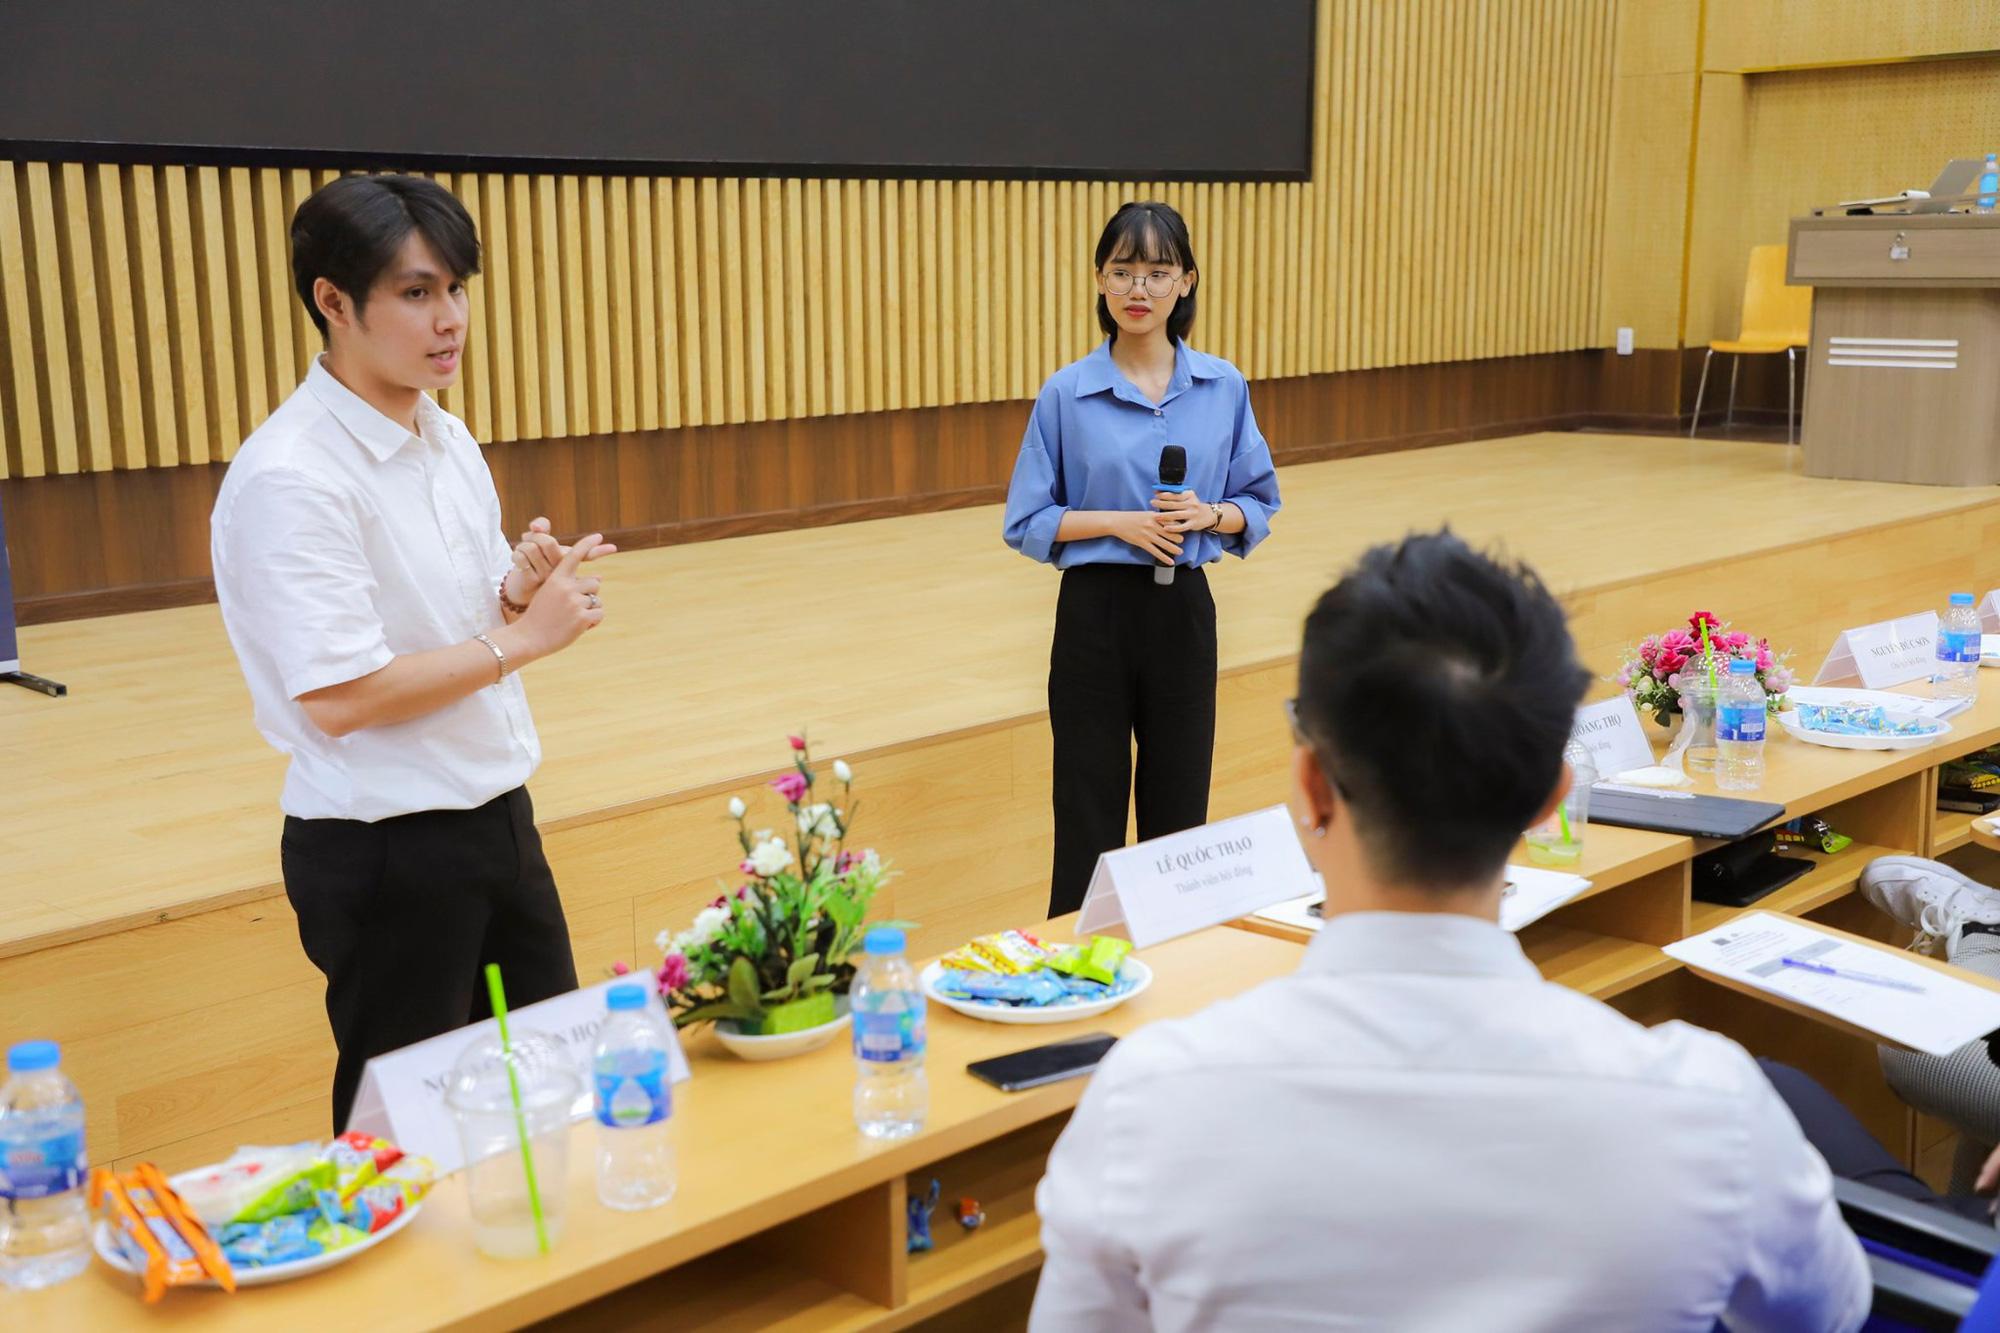 Sinh viên ĐH FPT làm app tư vấn bữa ăn dinh dưỡng cho người độc thân bận rộn - Ảnh 2.